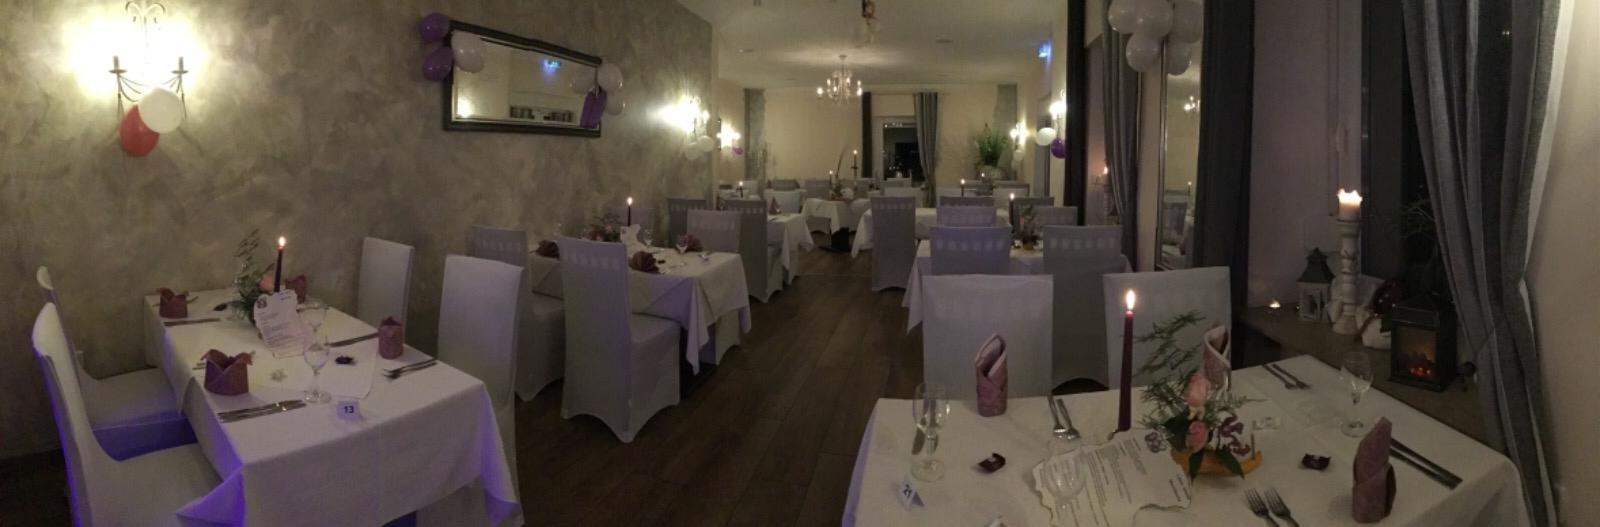 Restaurant & Café Am Steinbruch in Hilter